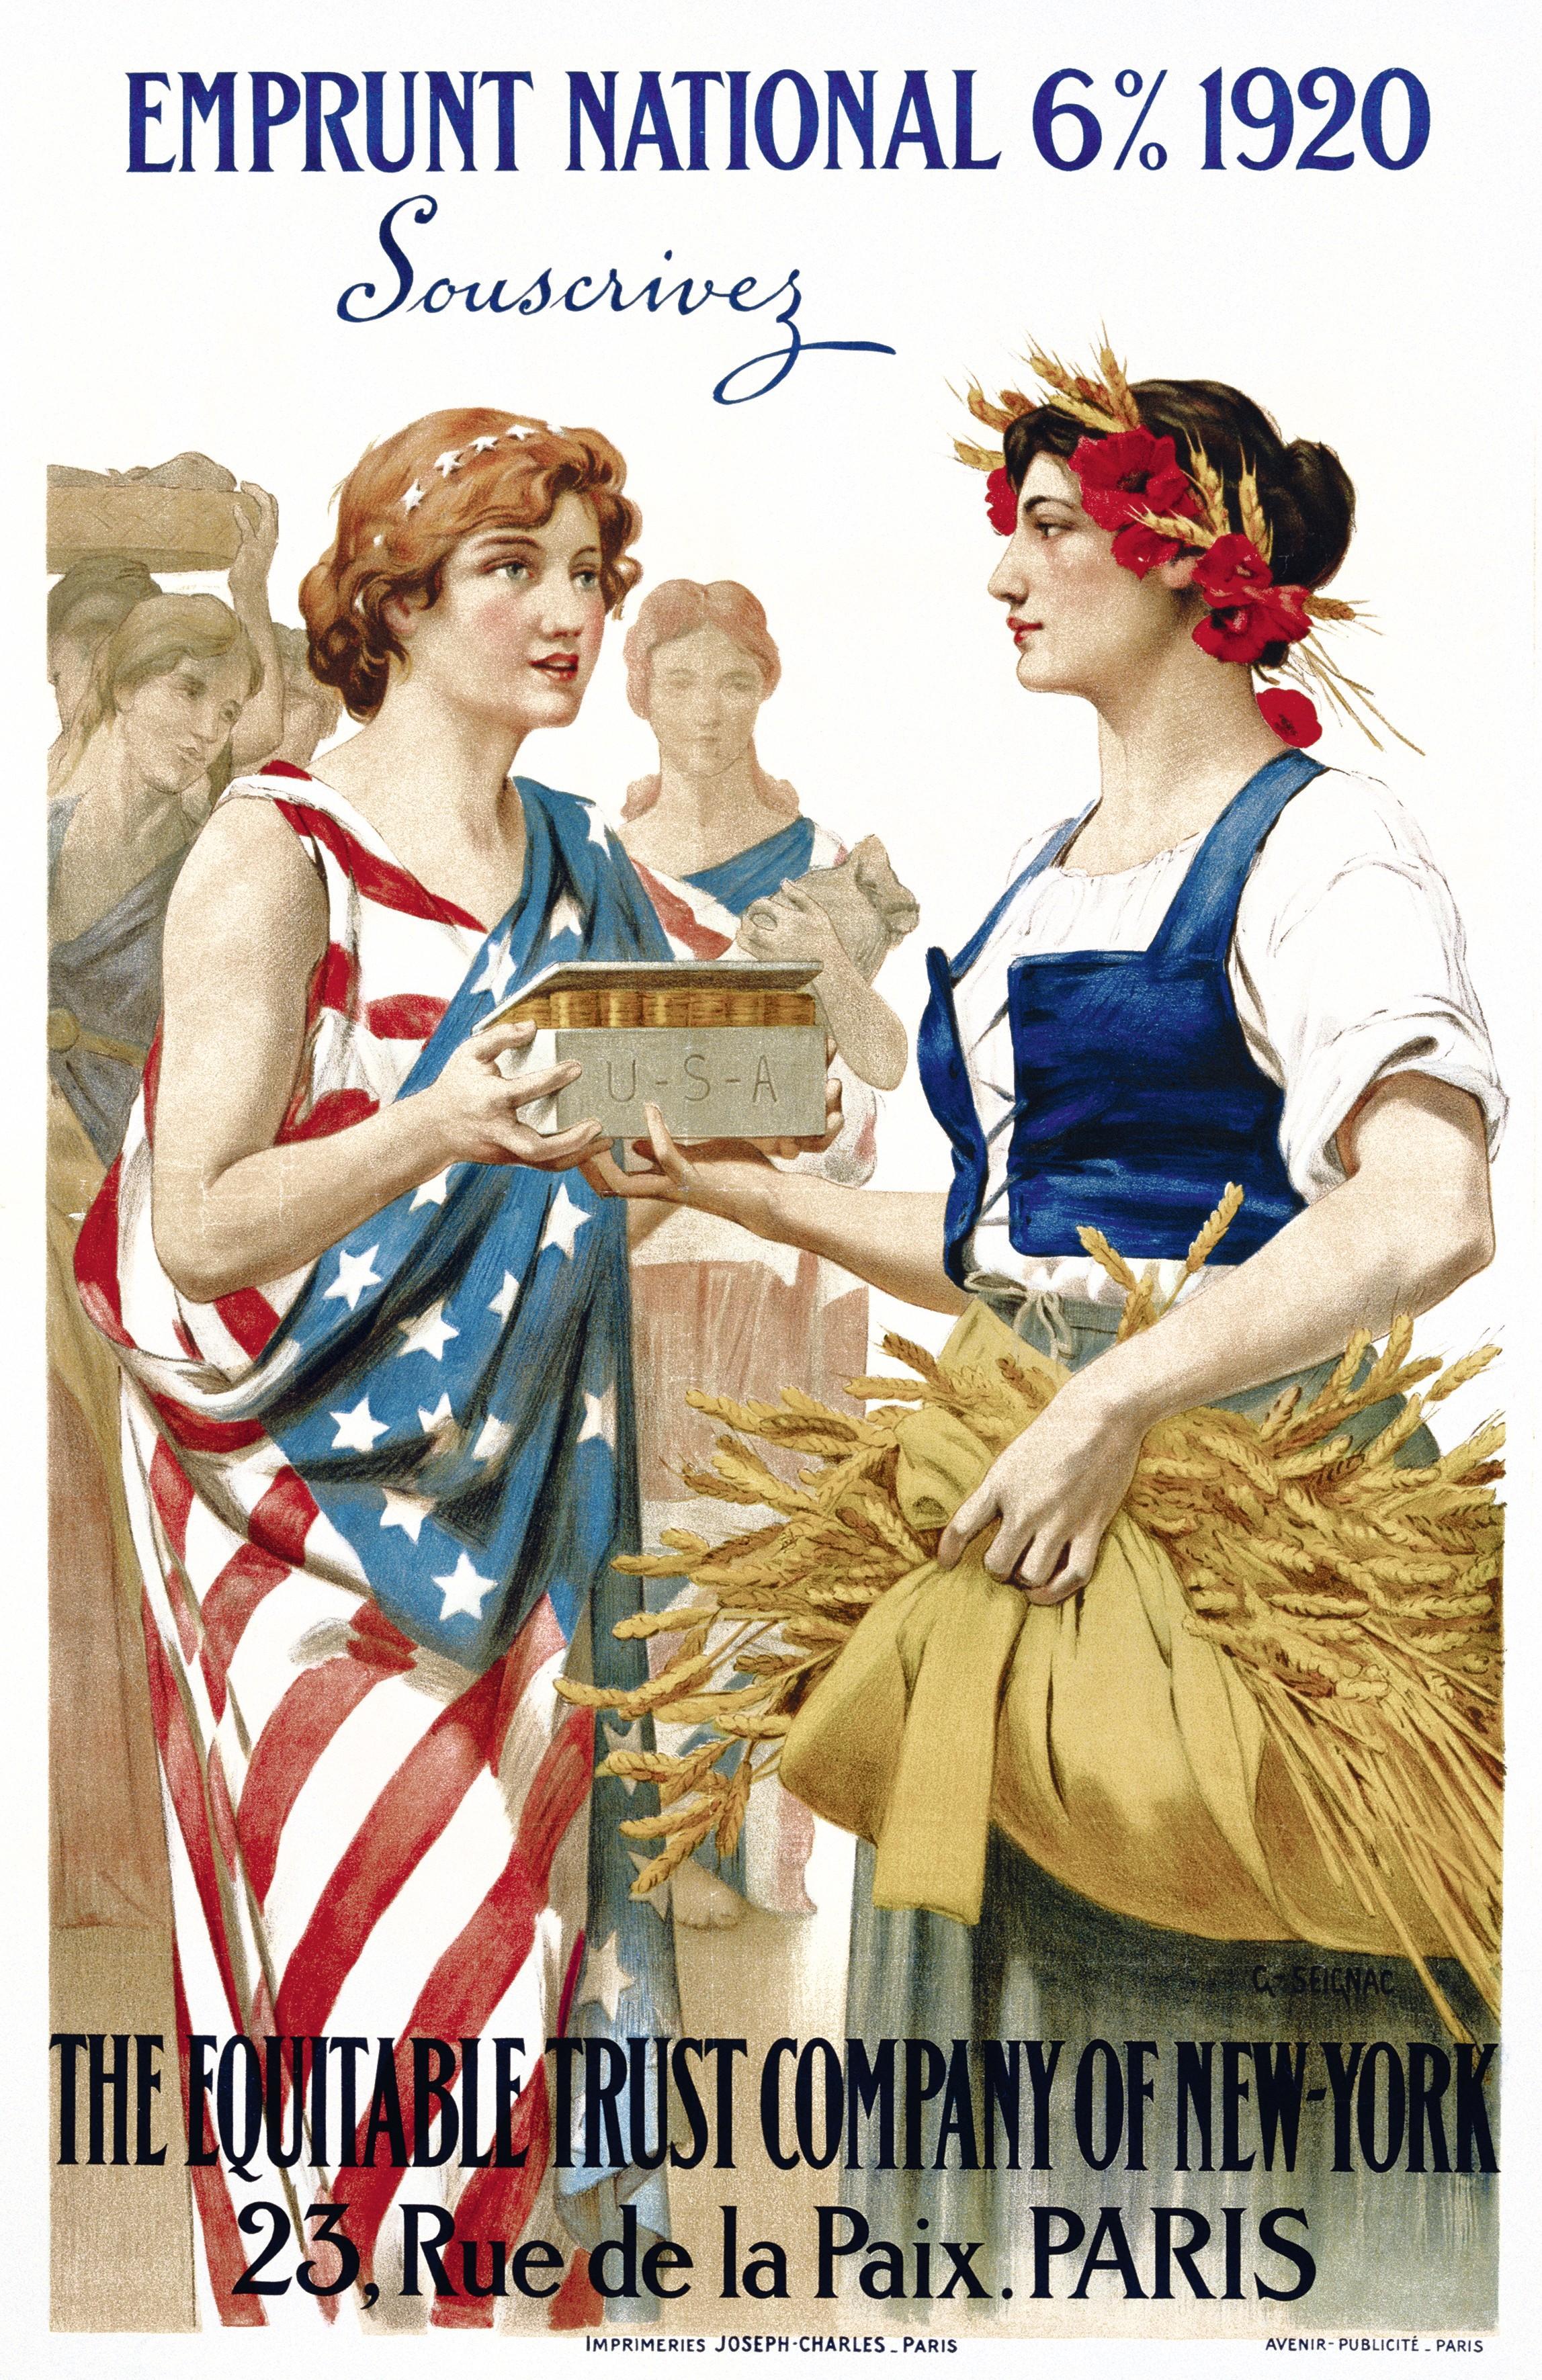 Guillaume Seignac, 1920, affiche : Les États-Unis prêtent à l'Europe